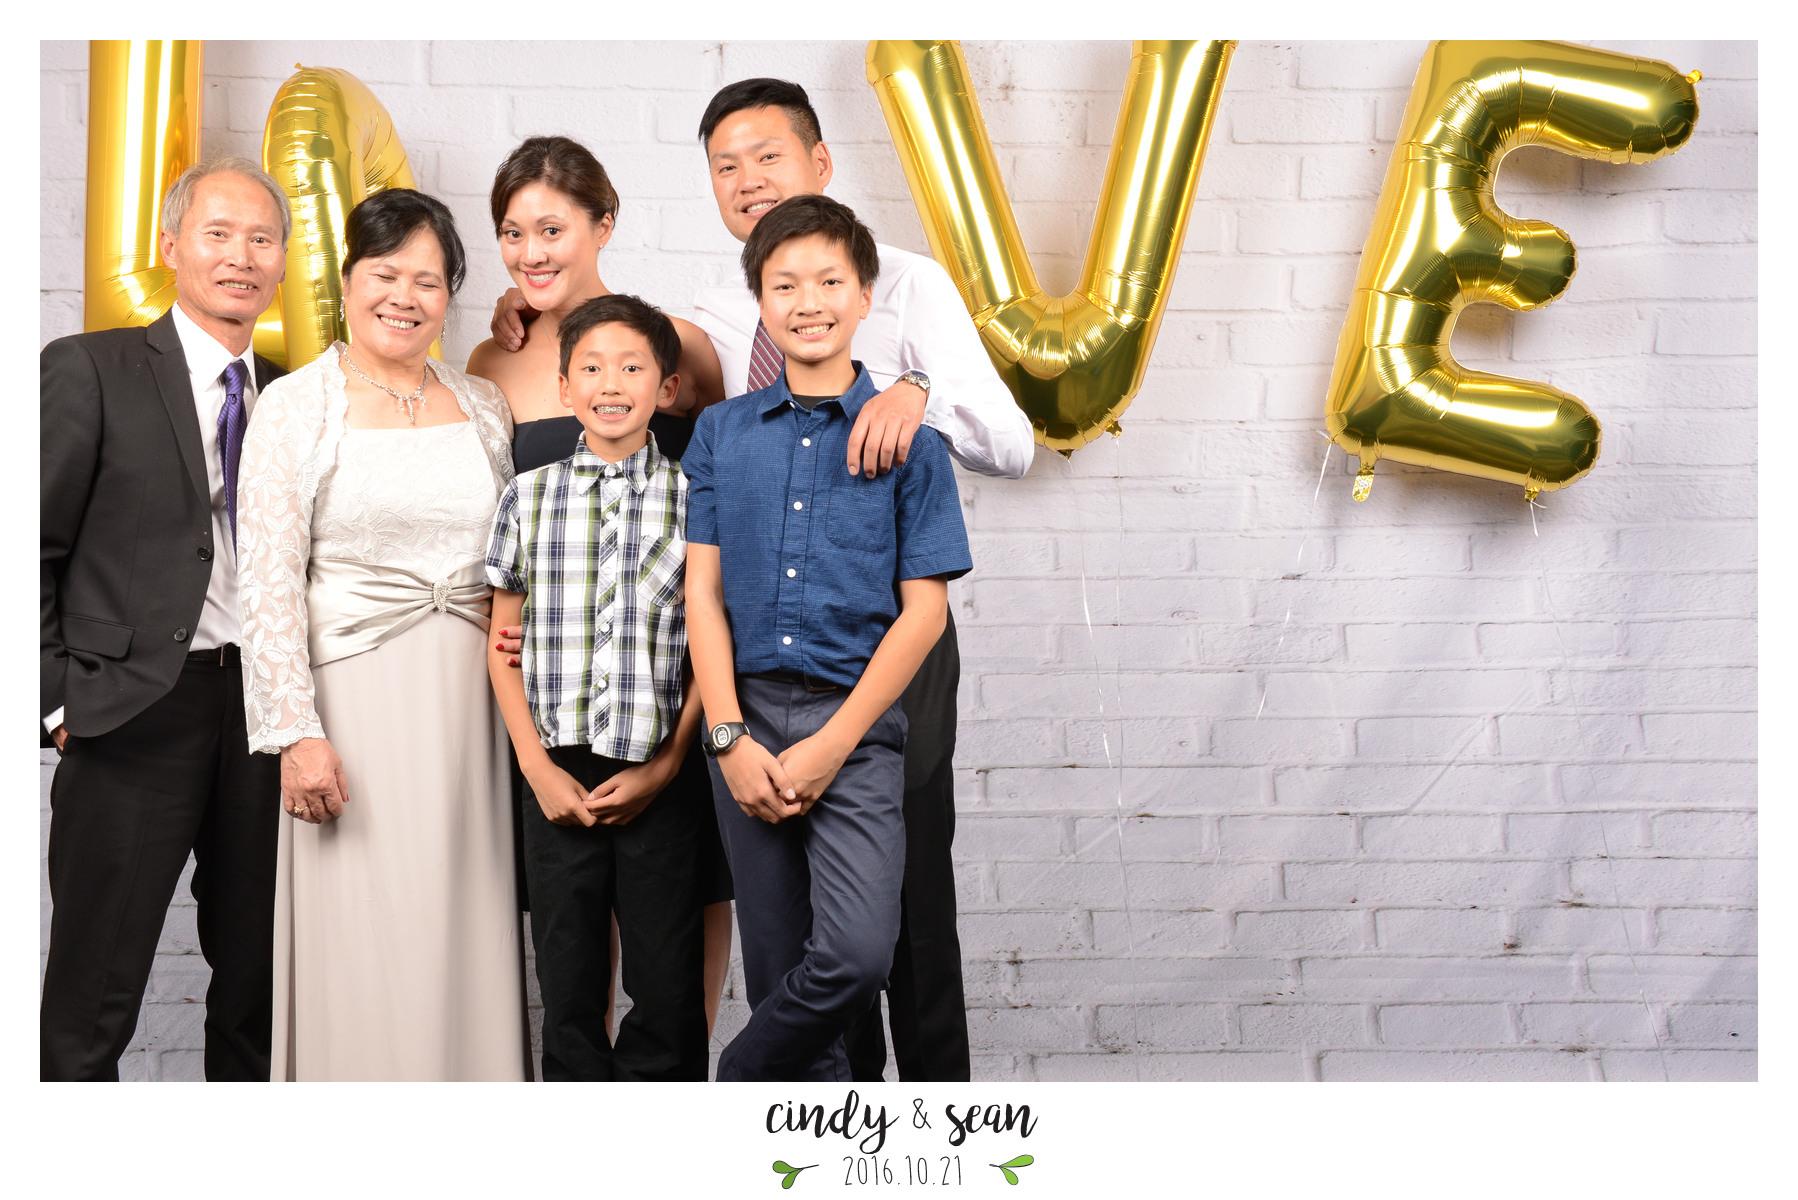 Cindy Sean Bae - 0001-24.jpg